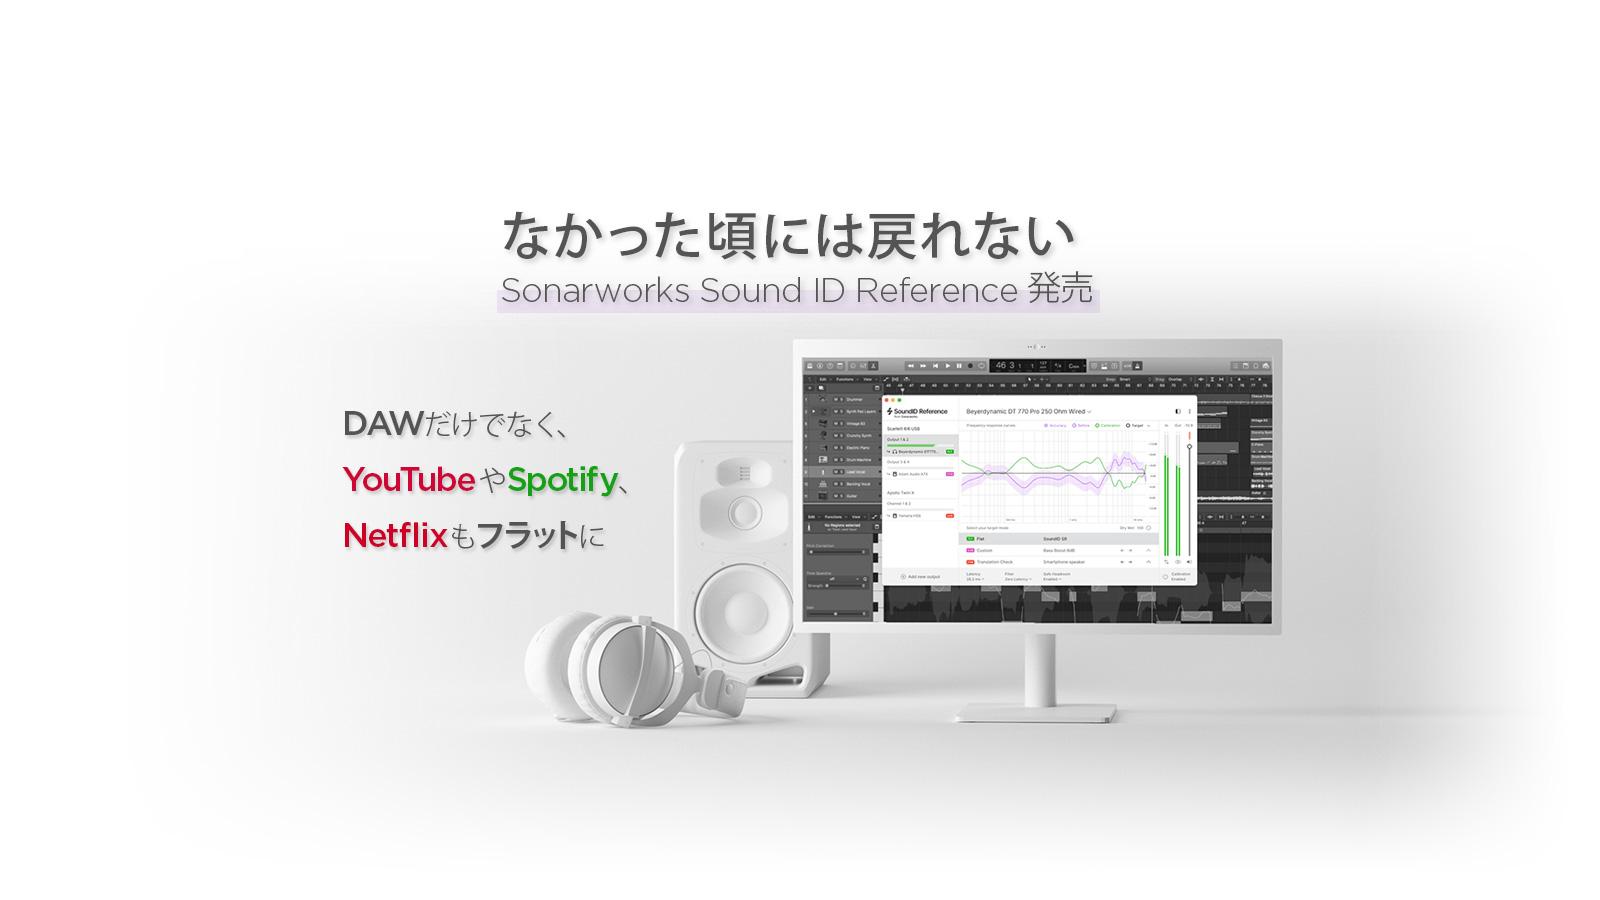 なかった頃には戻れない、Sonarworks Sound ID Reference発売